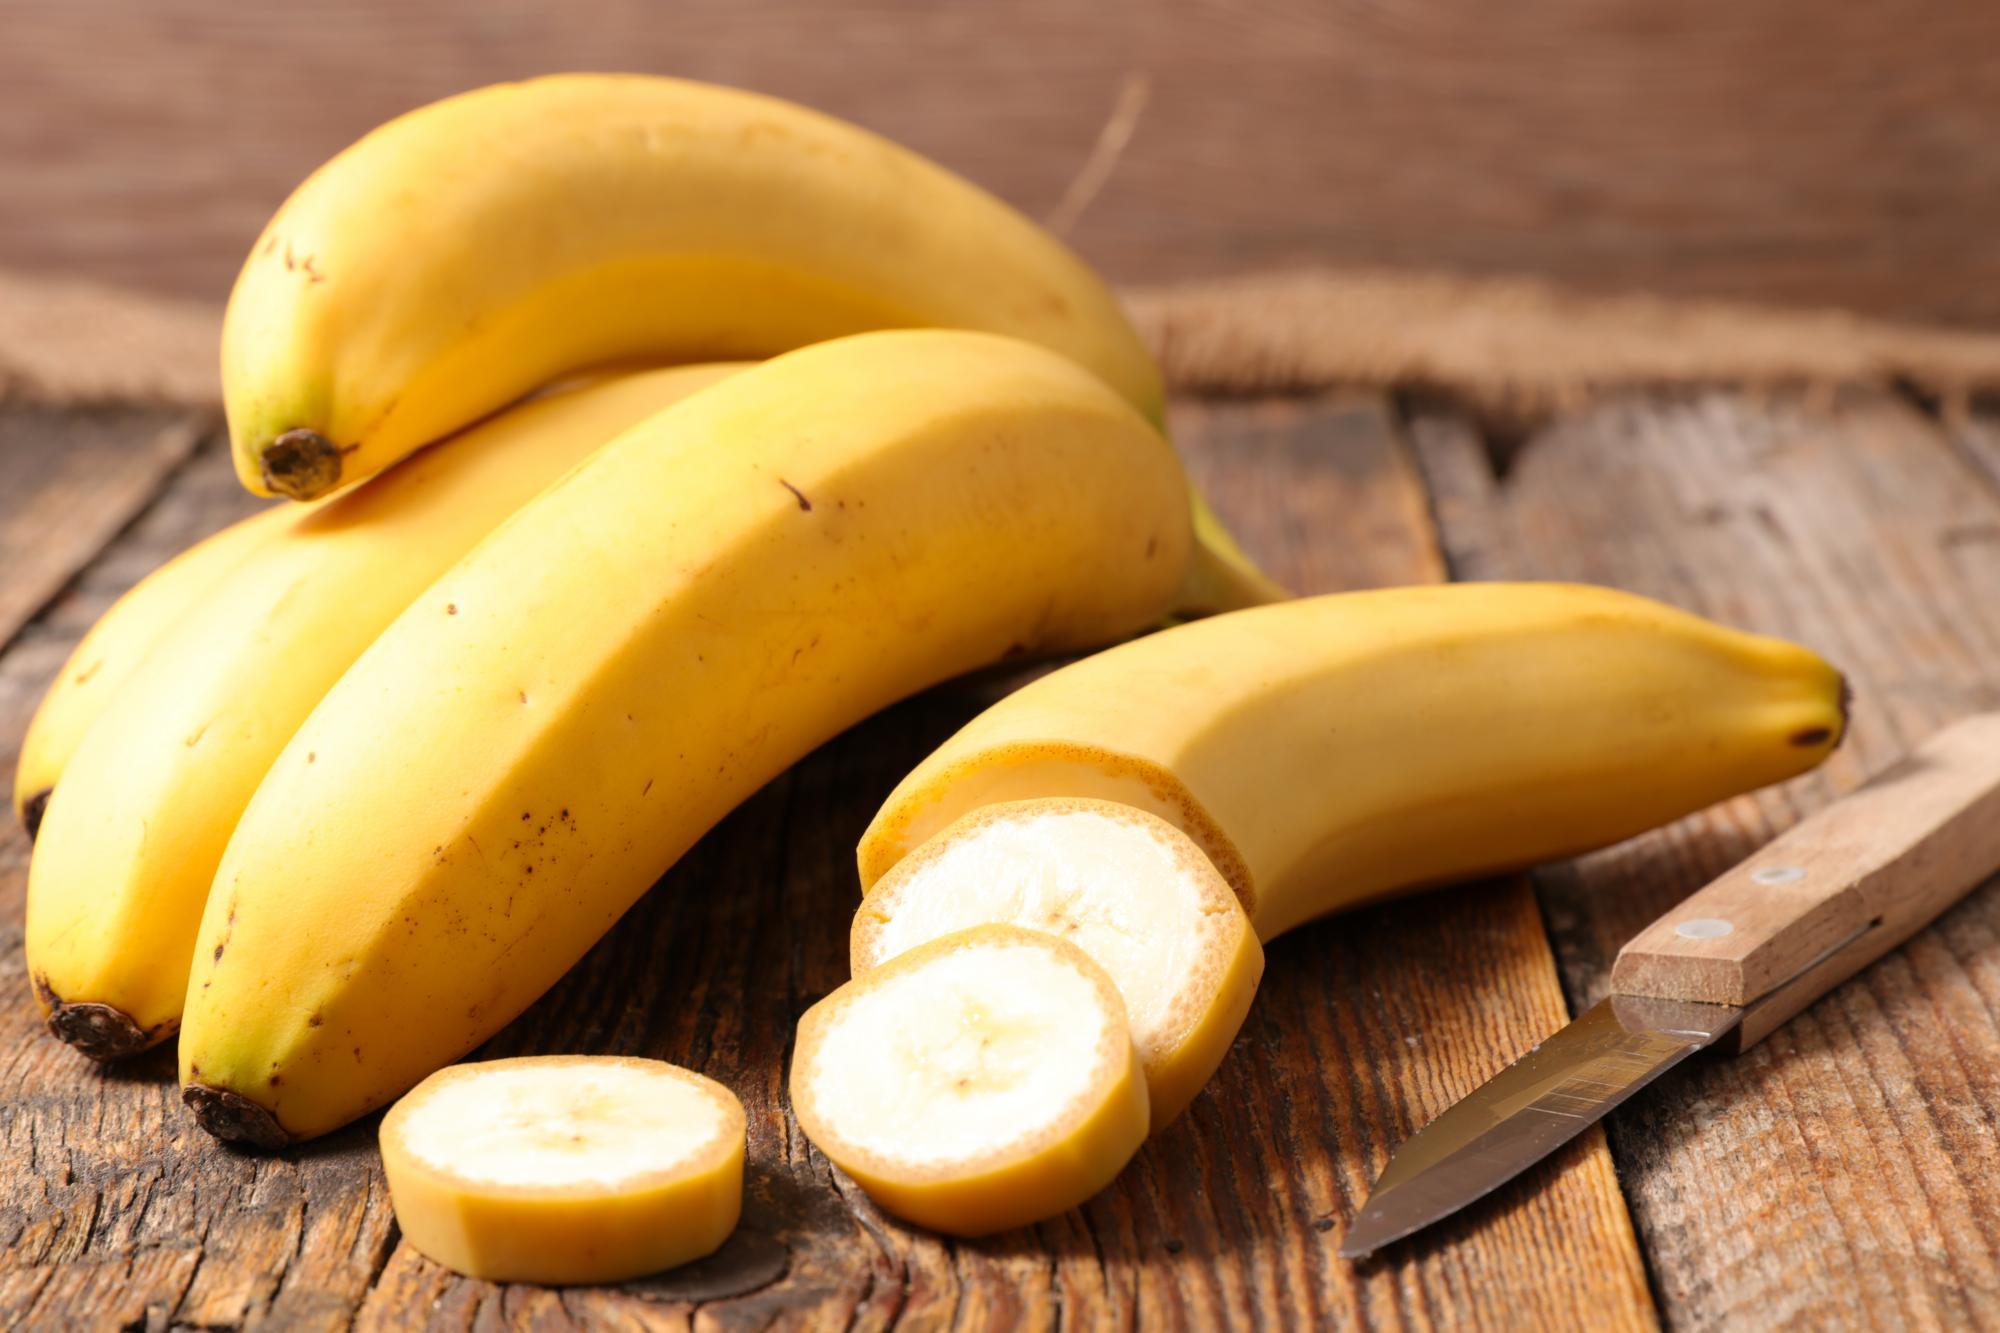 Quels sont les bienfaits de la banane